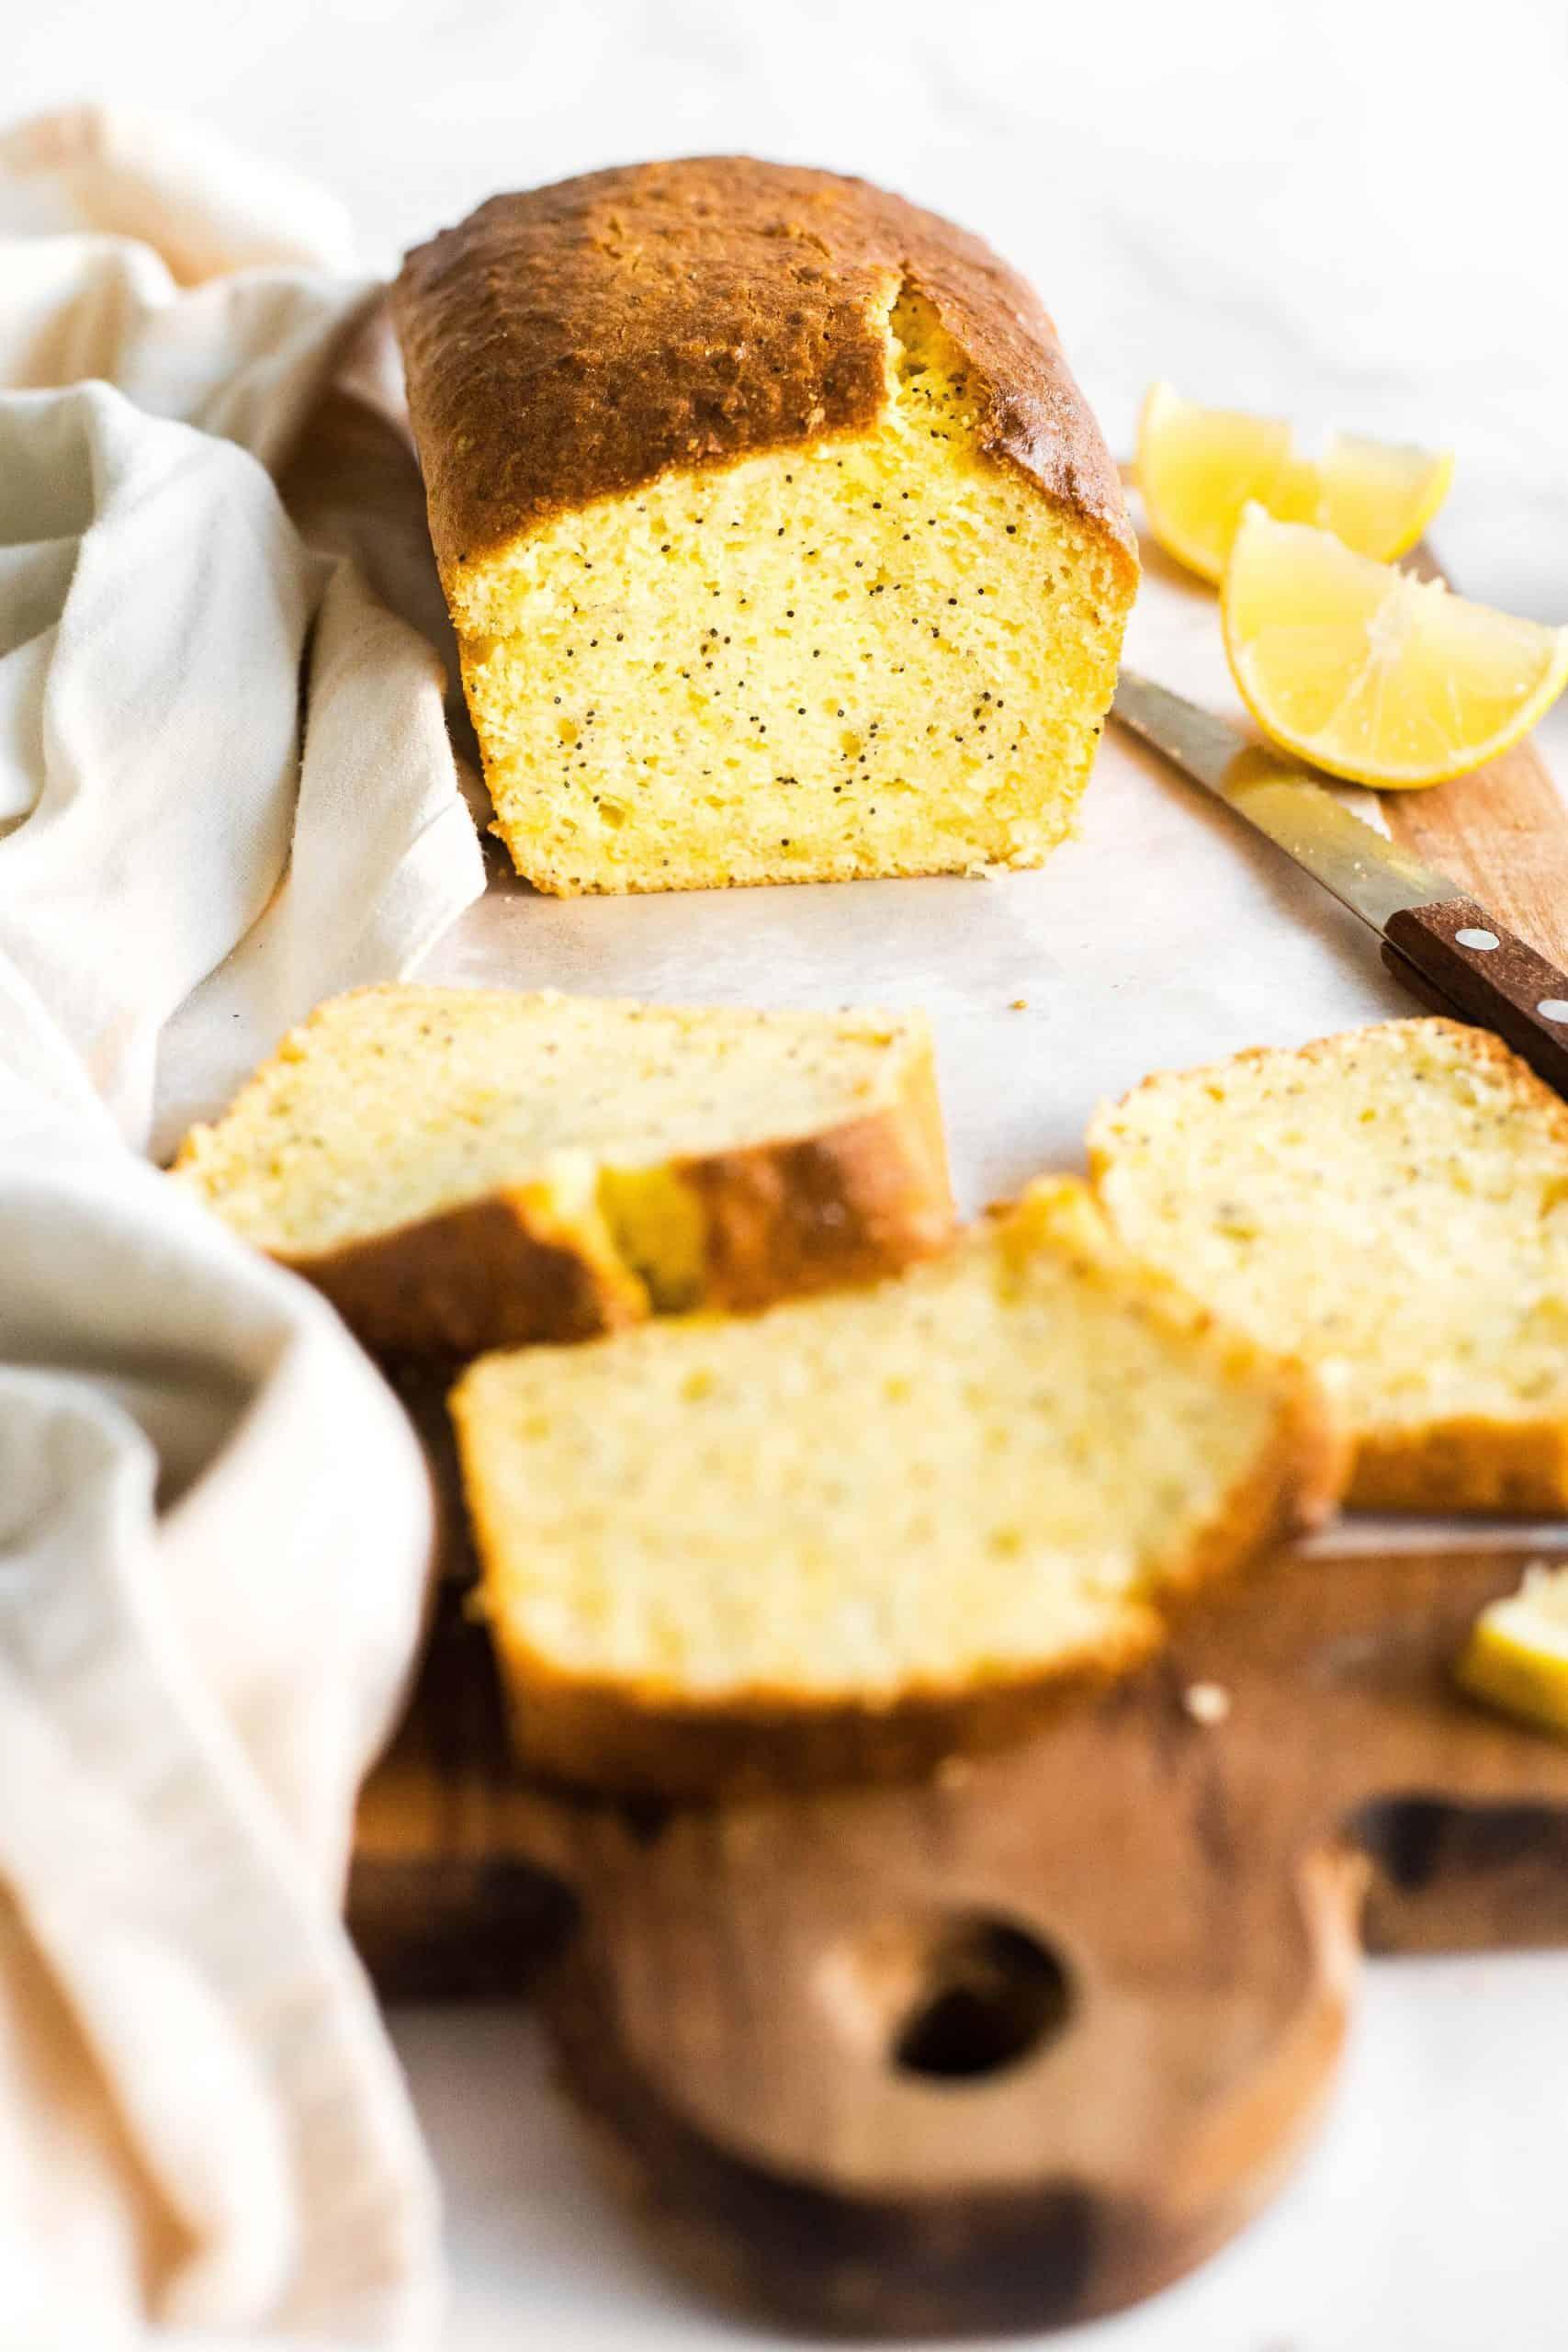 A half-sliced loaf of gluten-free lemon poppyseed bread on a wooden board.